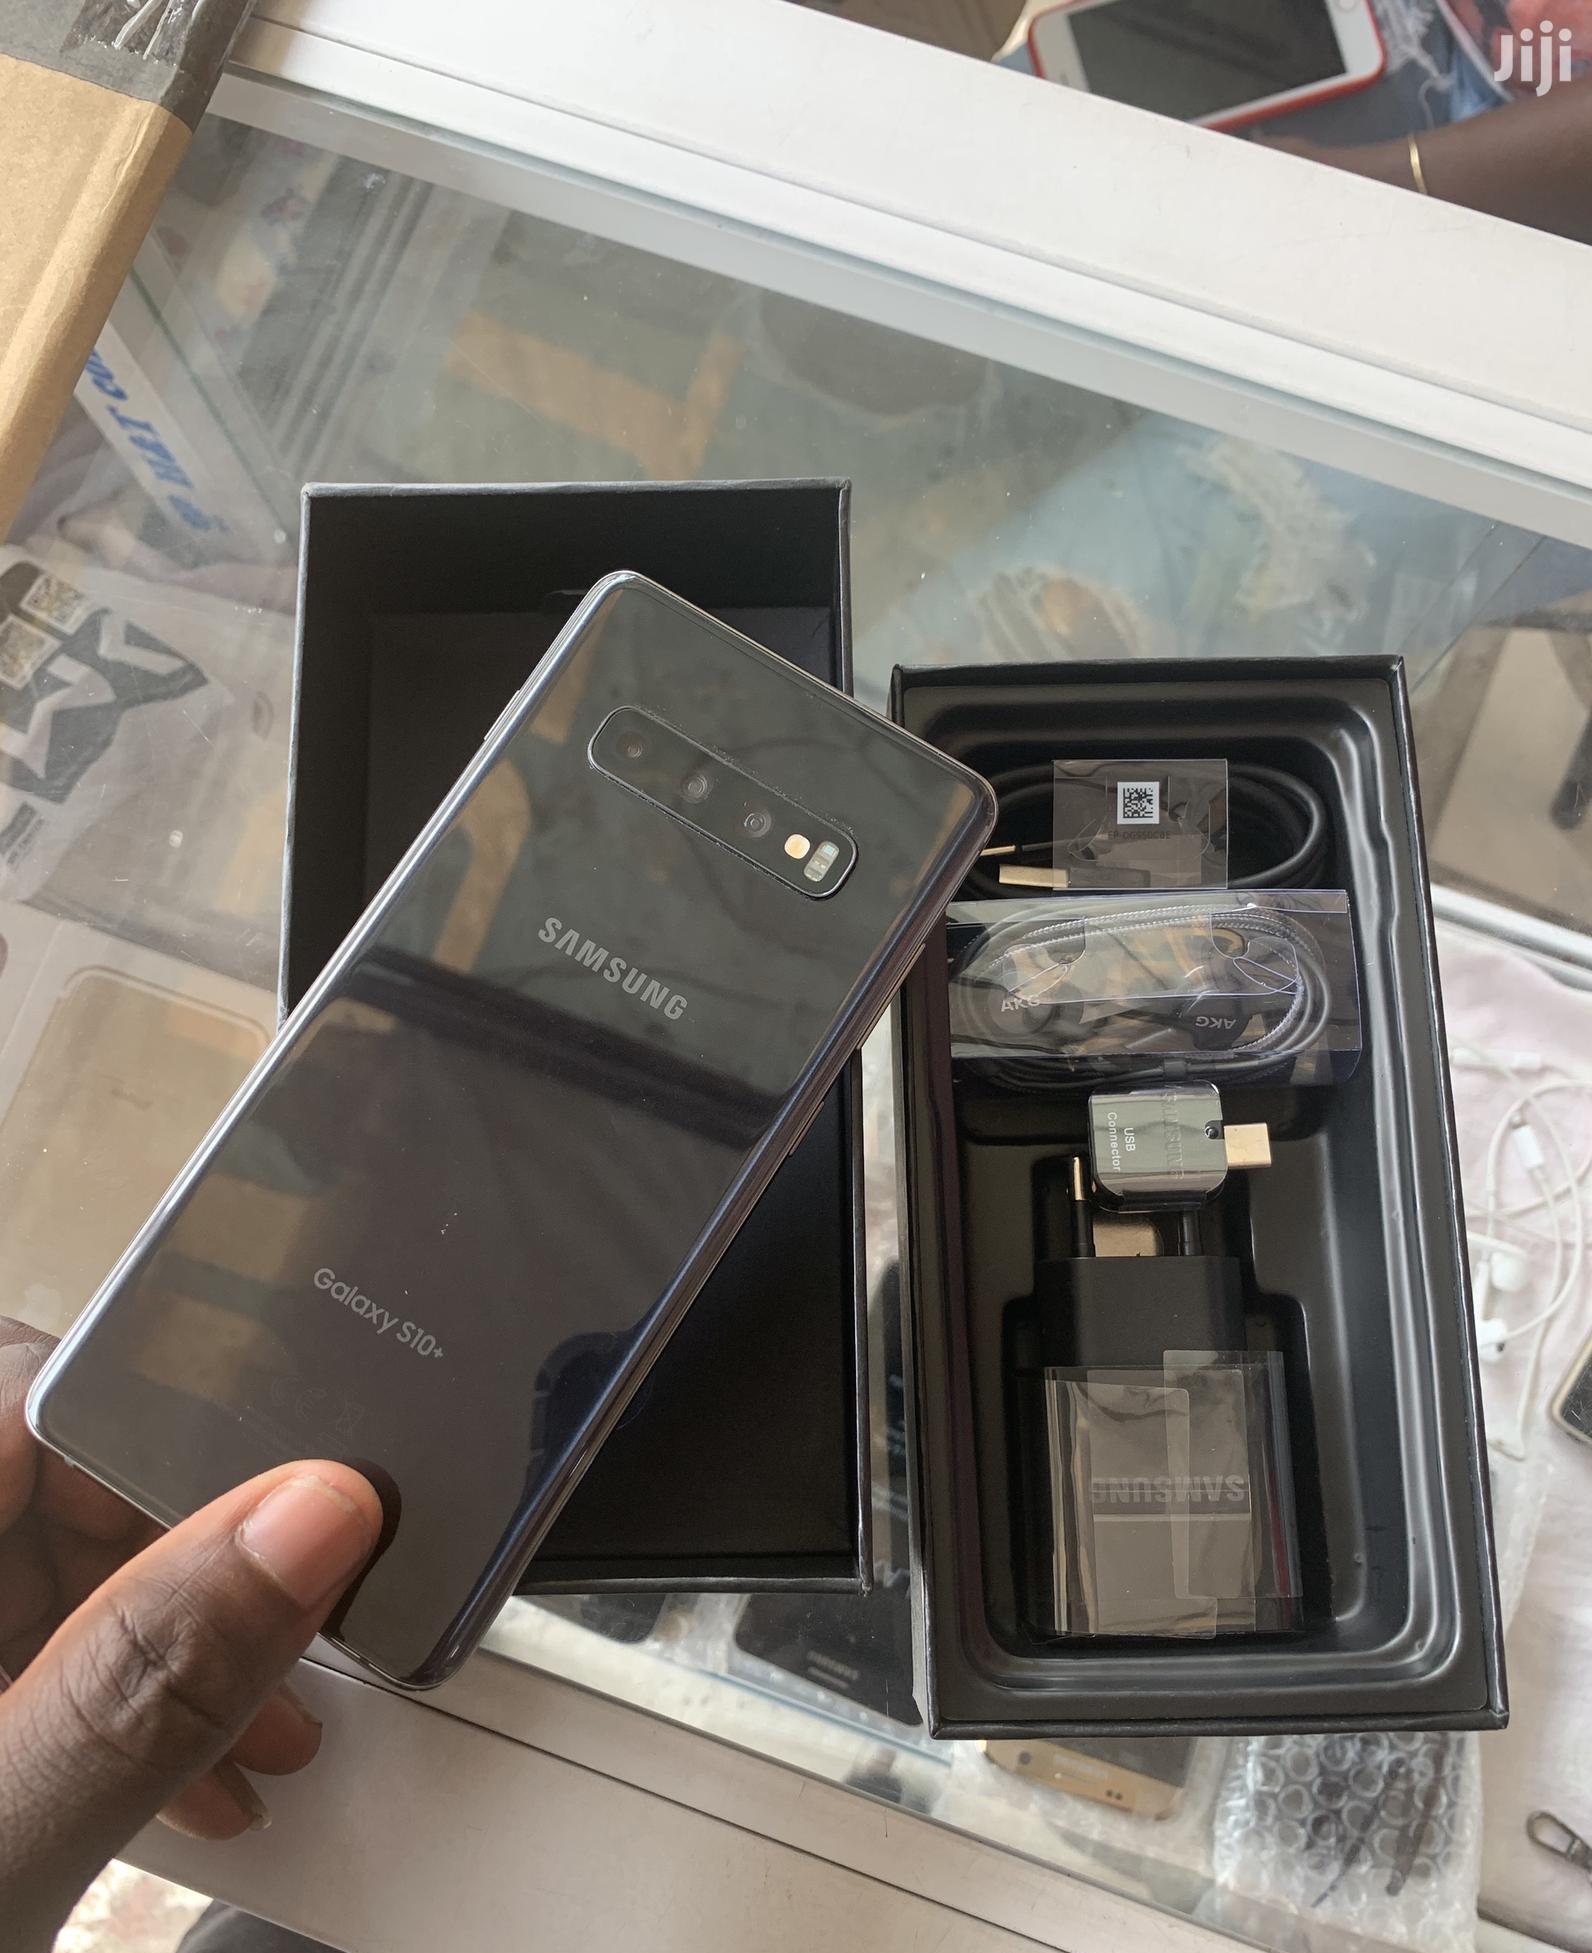 New Samsung Galaxy S10 Plus 128 GB Black | Mobile Phones for sale in Kumasi Metropolitan, Ashanti, Ghana